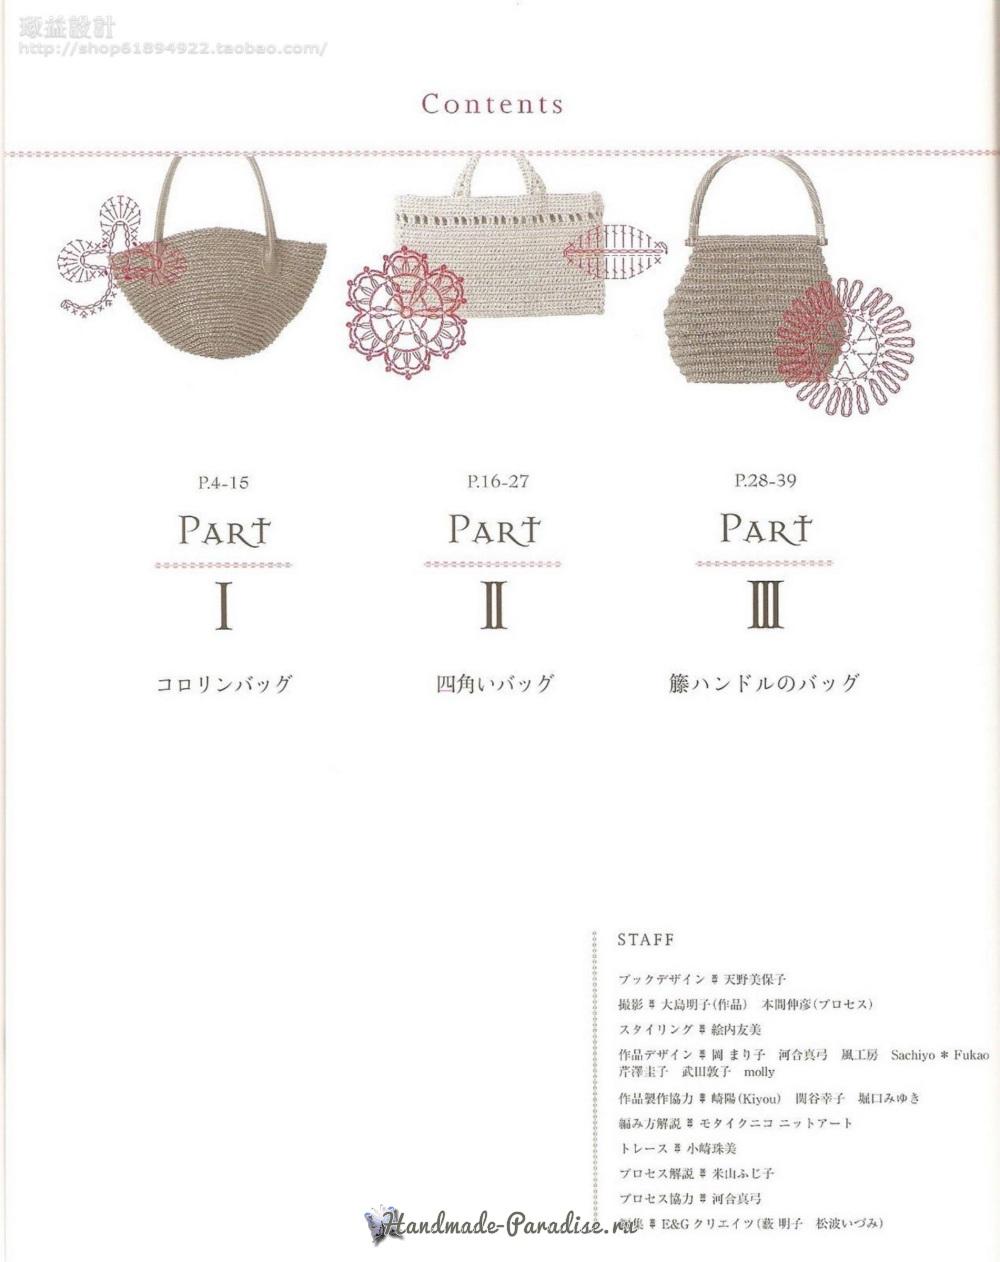 Вязание сумок из полиэтиленовой пряжи. Японский журнал (1)